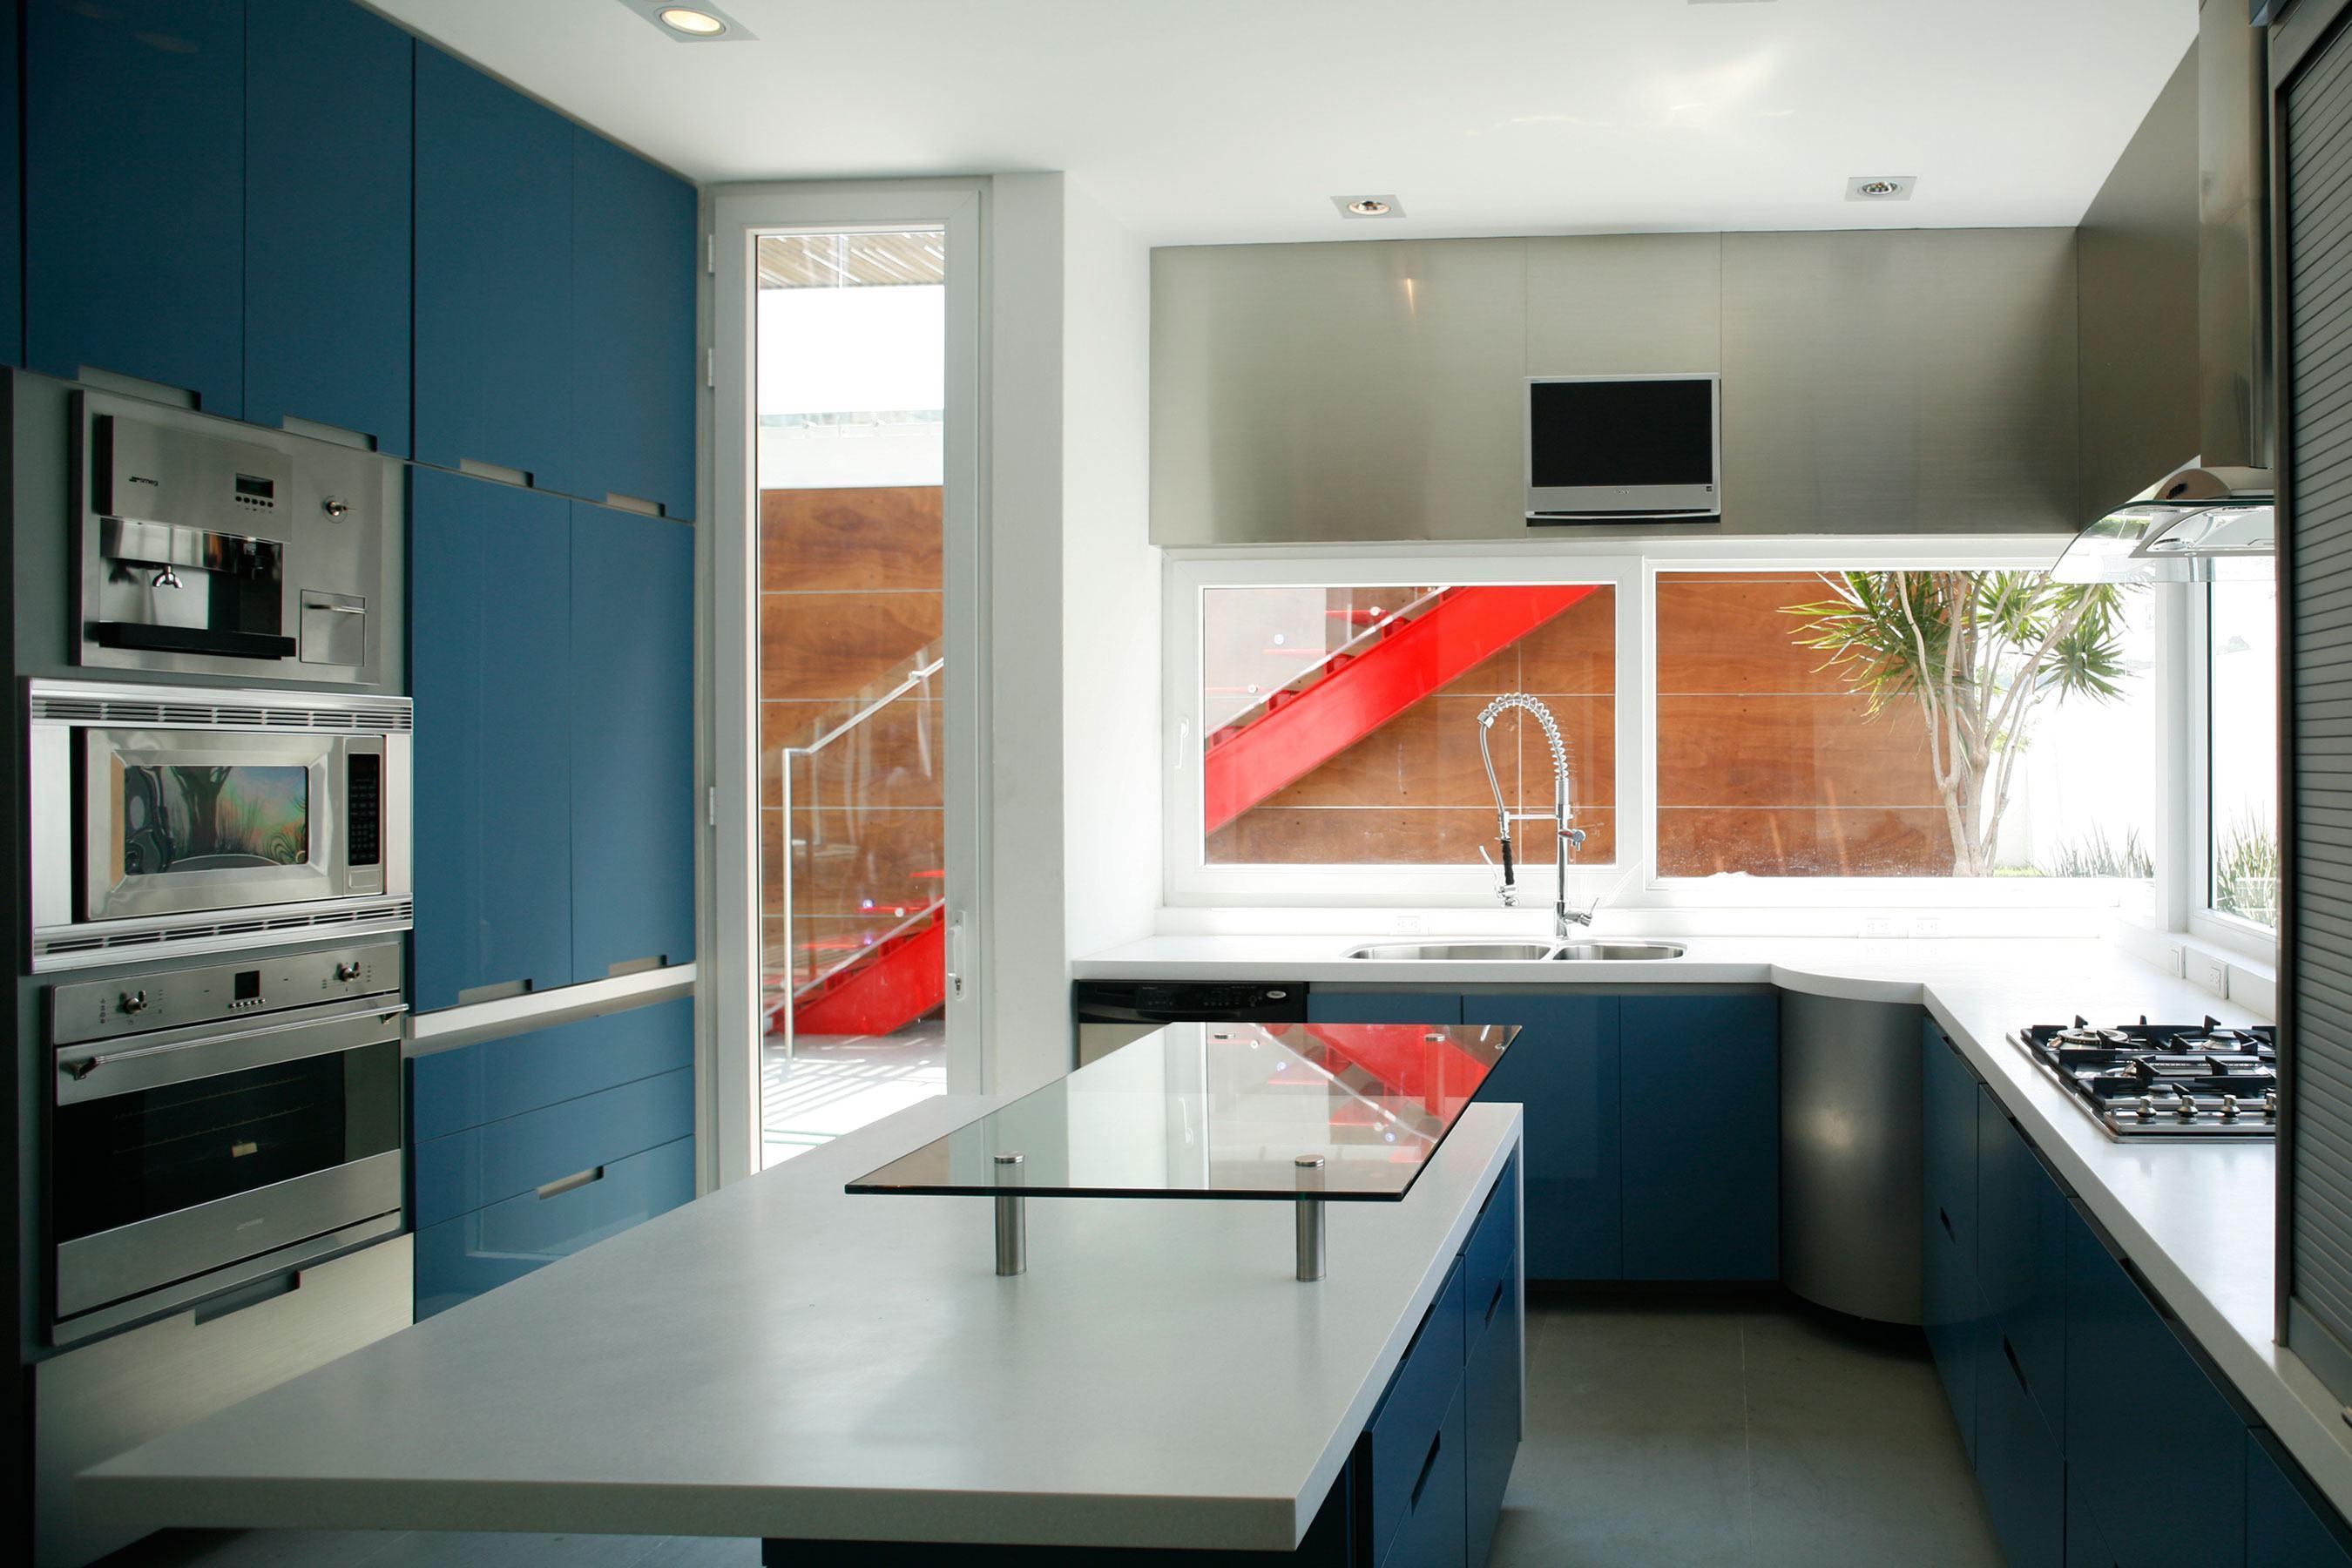 Cozinha azul: faça detalhes no armário para que o puxador se destaque